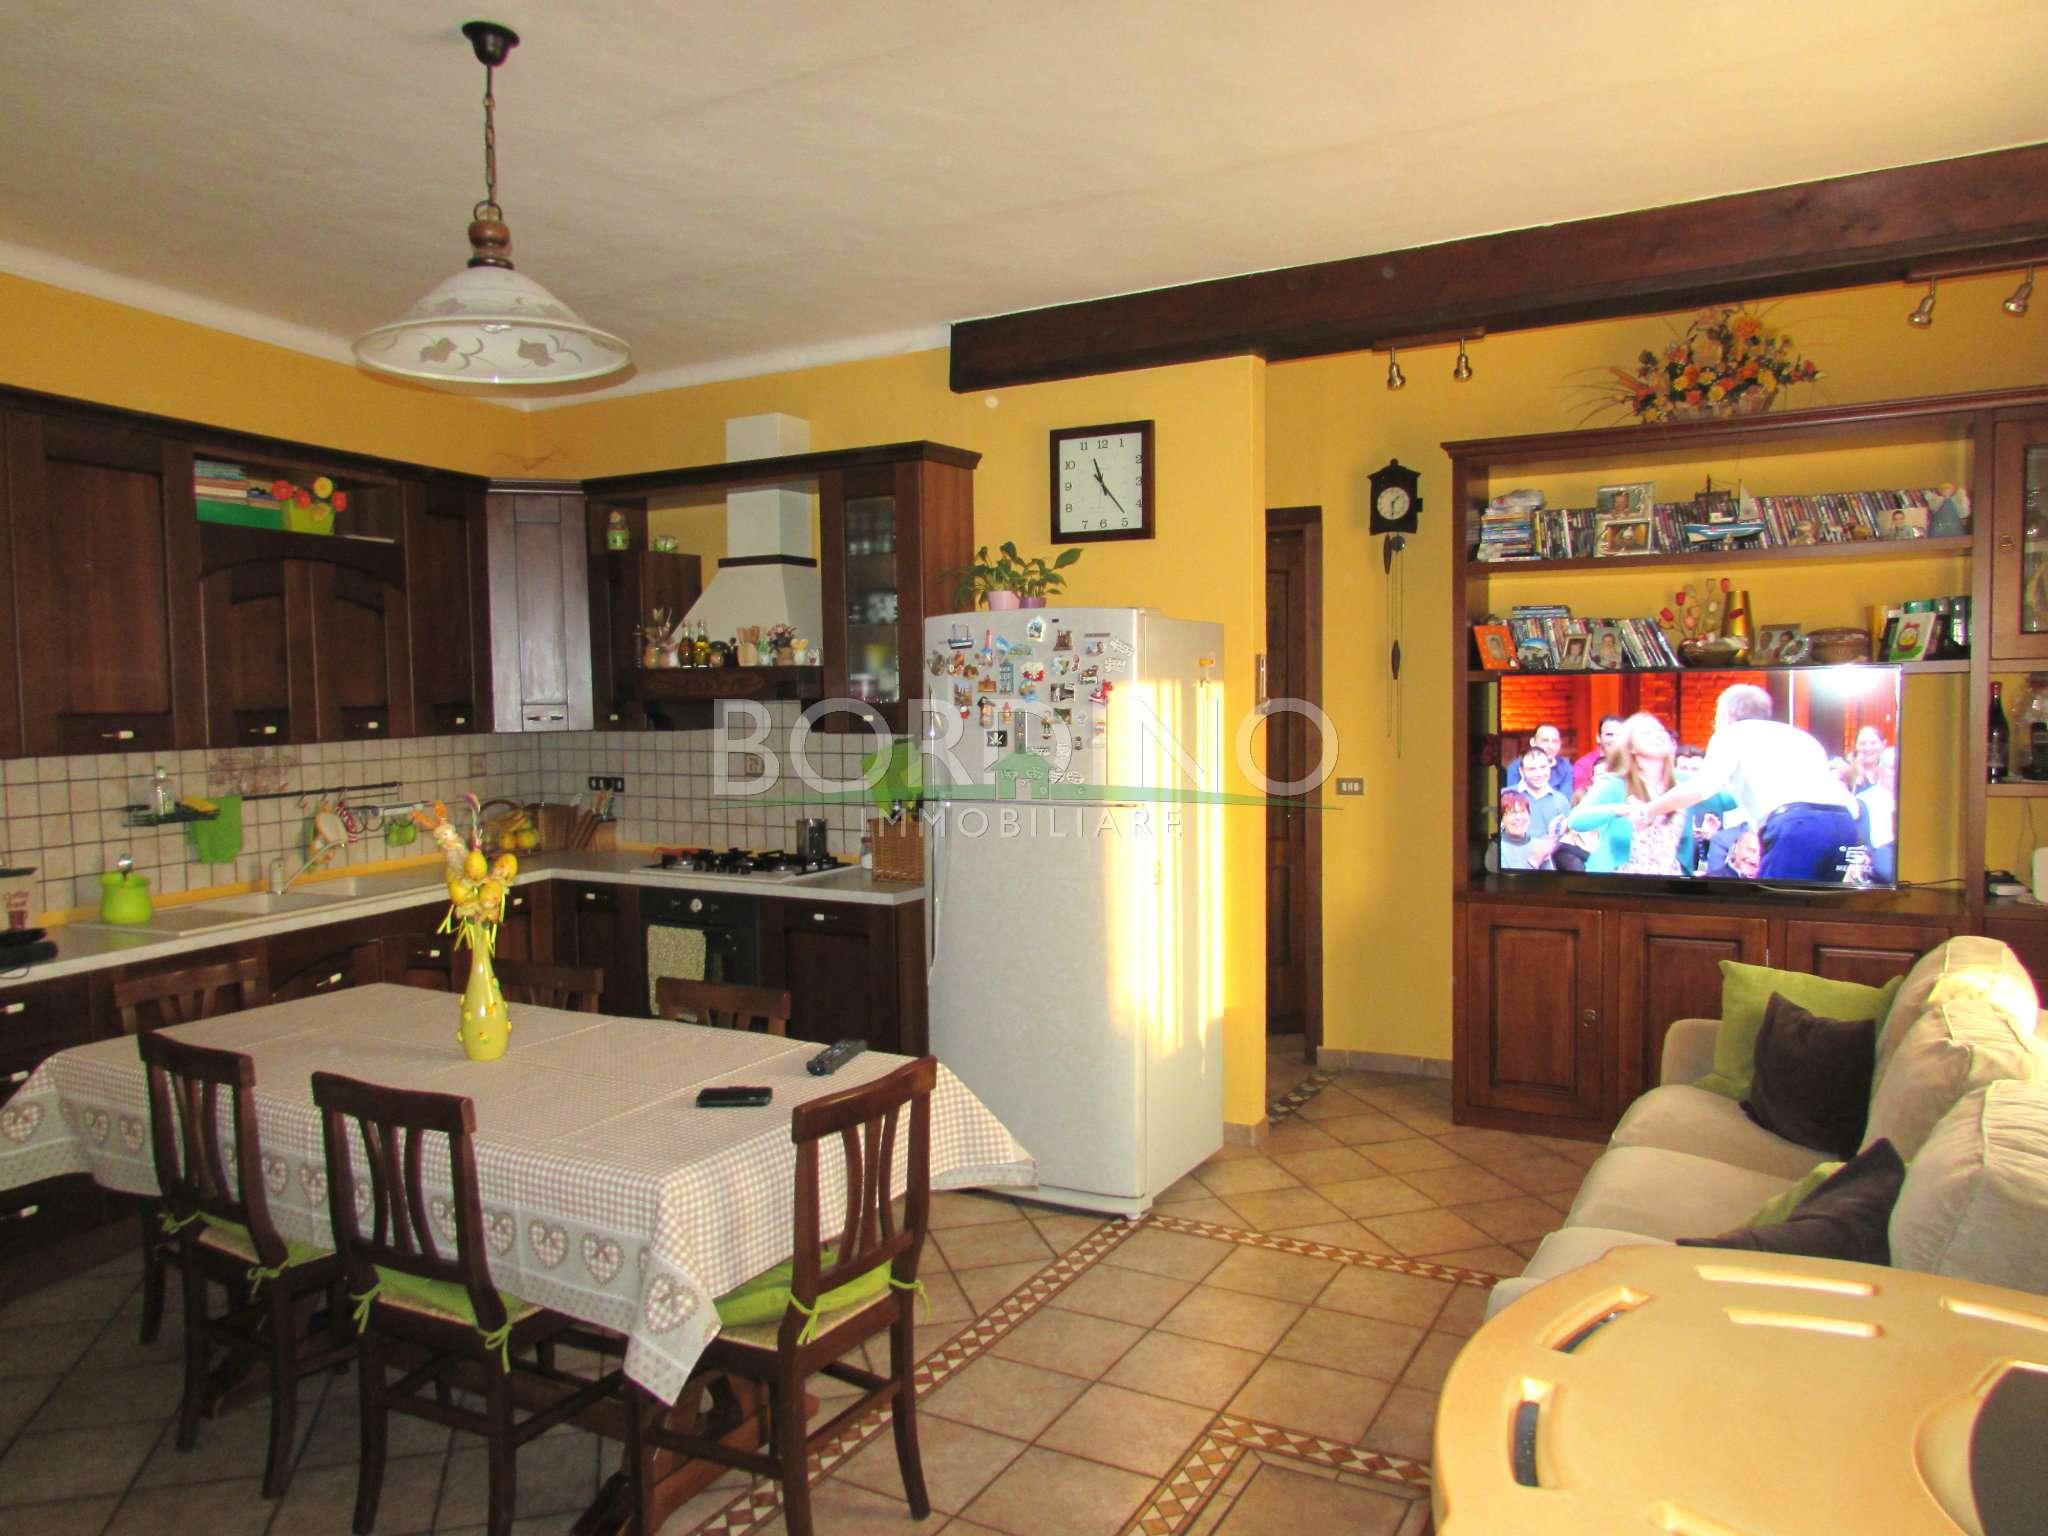 Soluzione Indipendente in vendita a Priocca, 6 locali, prezzo € 125.000 | Cambio Casa.it